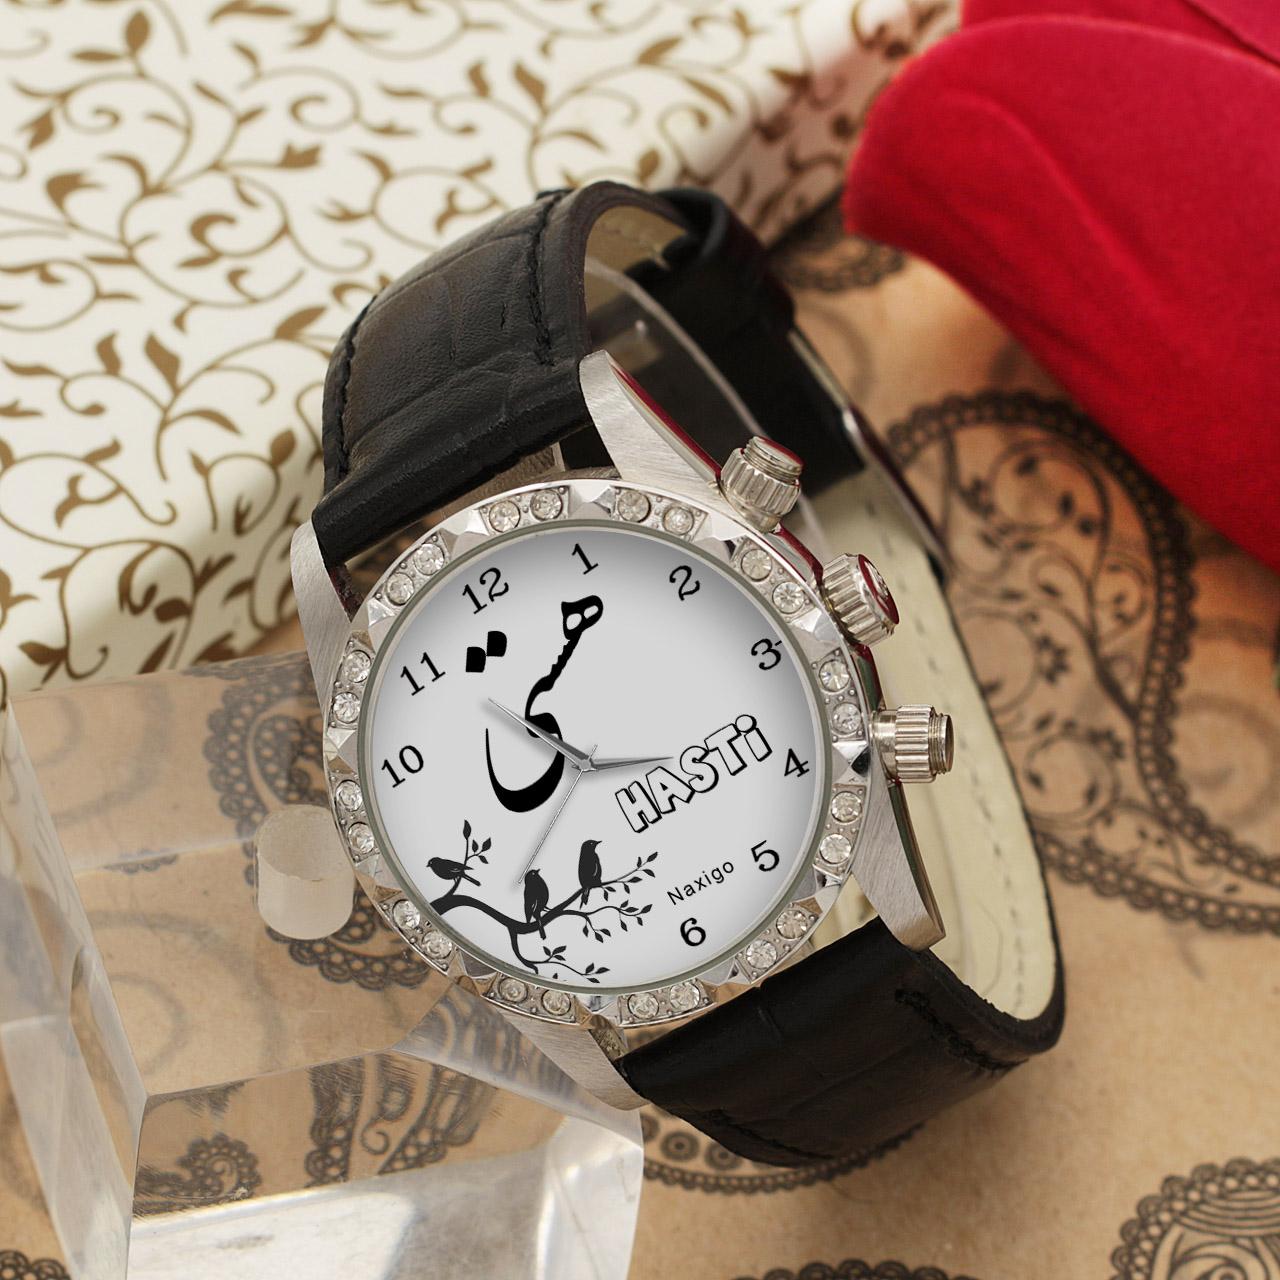 خرید و قیمت                      ساعت مچی  زنانه ناکسیگو طرح هستی کد LS3775